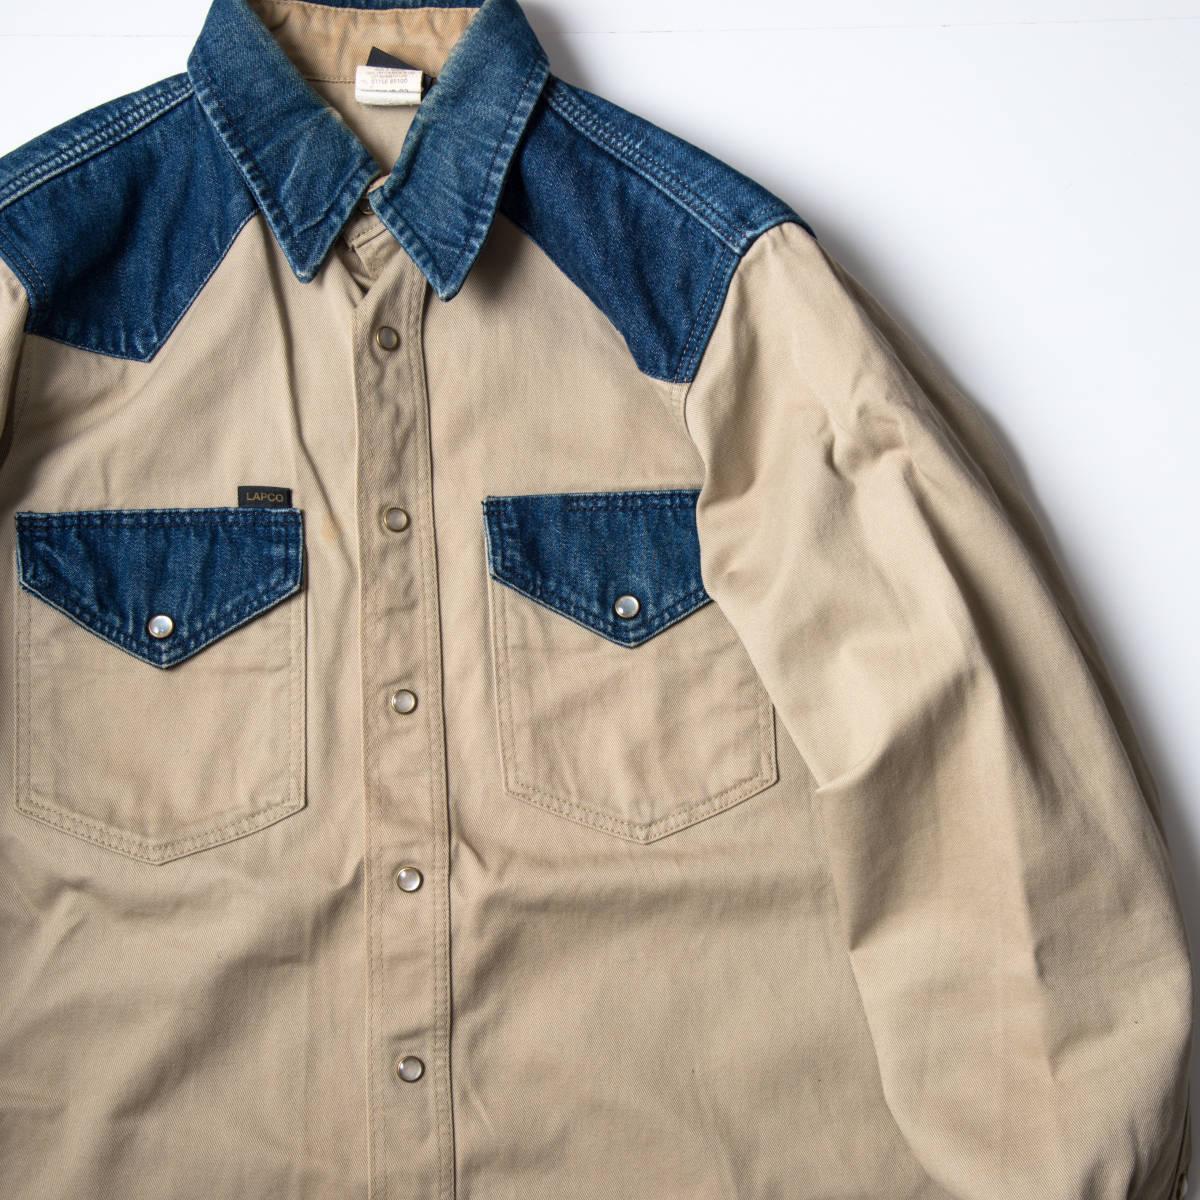 希少 70s ~ USA製 LAPCO デニム & チノ ウエスタン ワーク シャツ 黒タグ / ビンテージ 古着 コットン ジャケット コンビ 長袖 40s 50s 60s_画像3